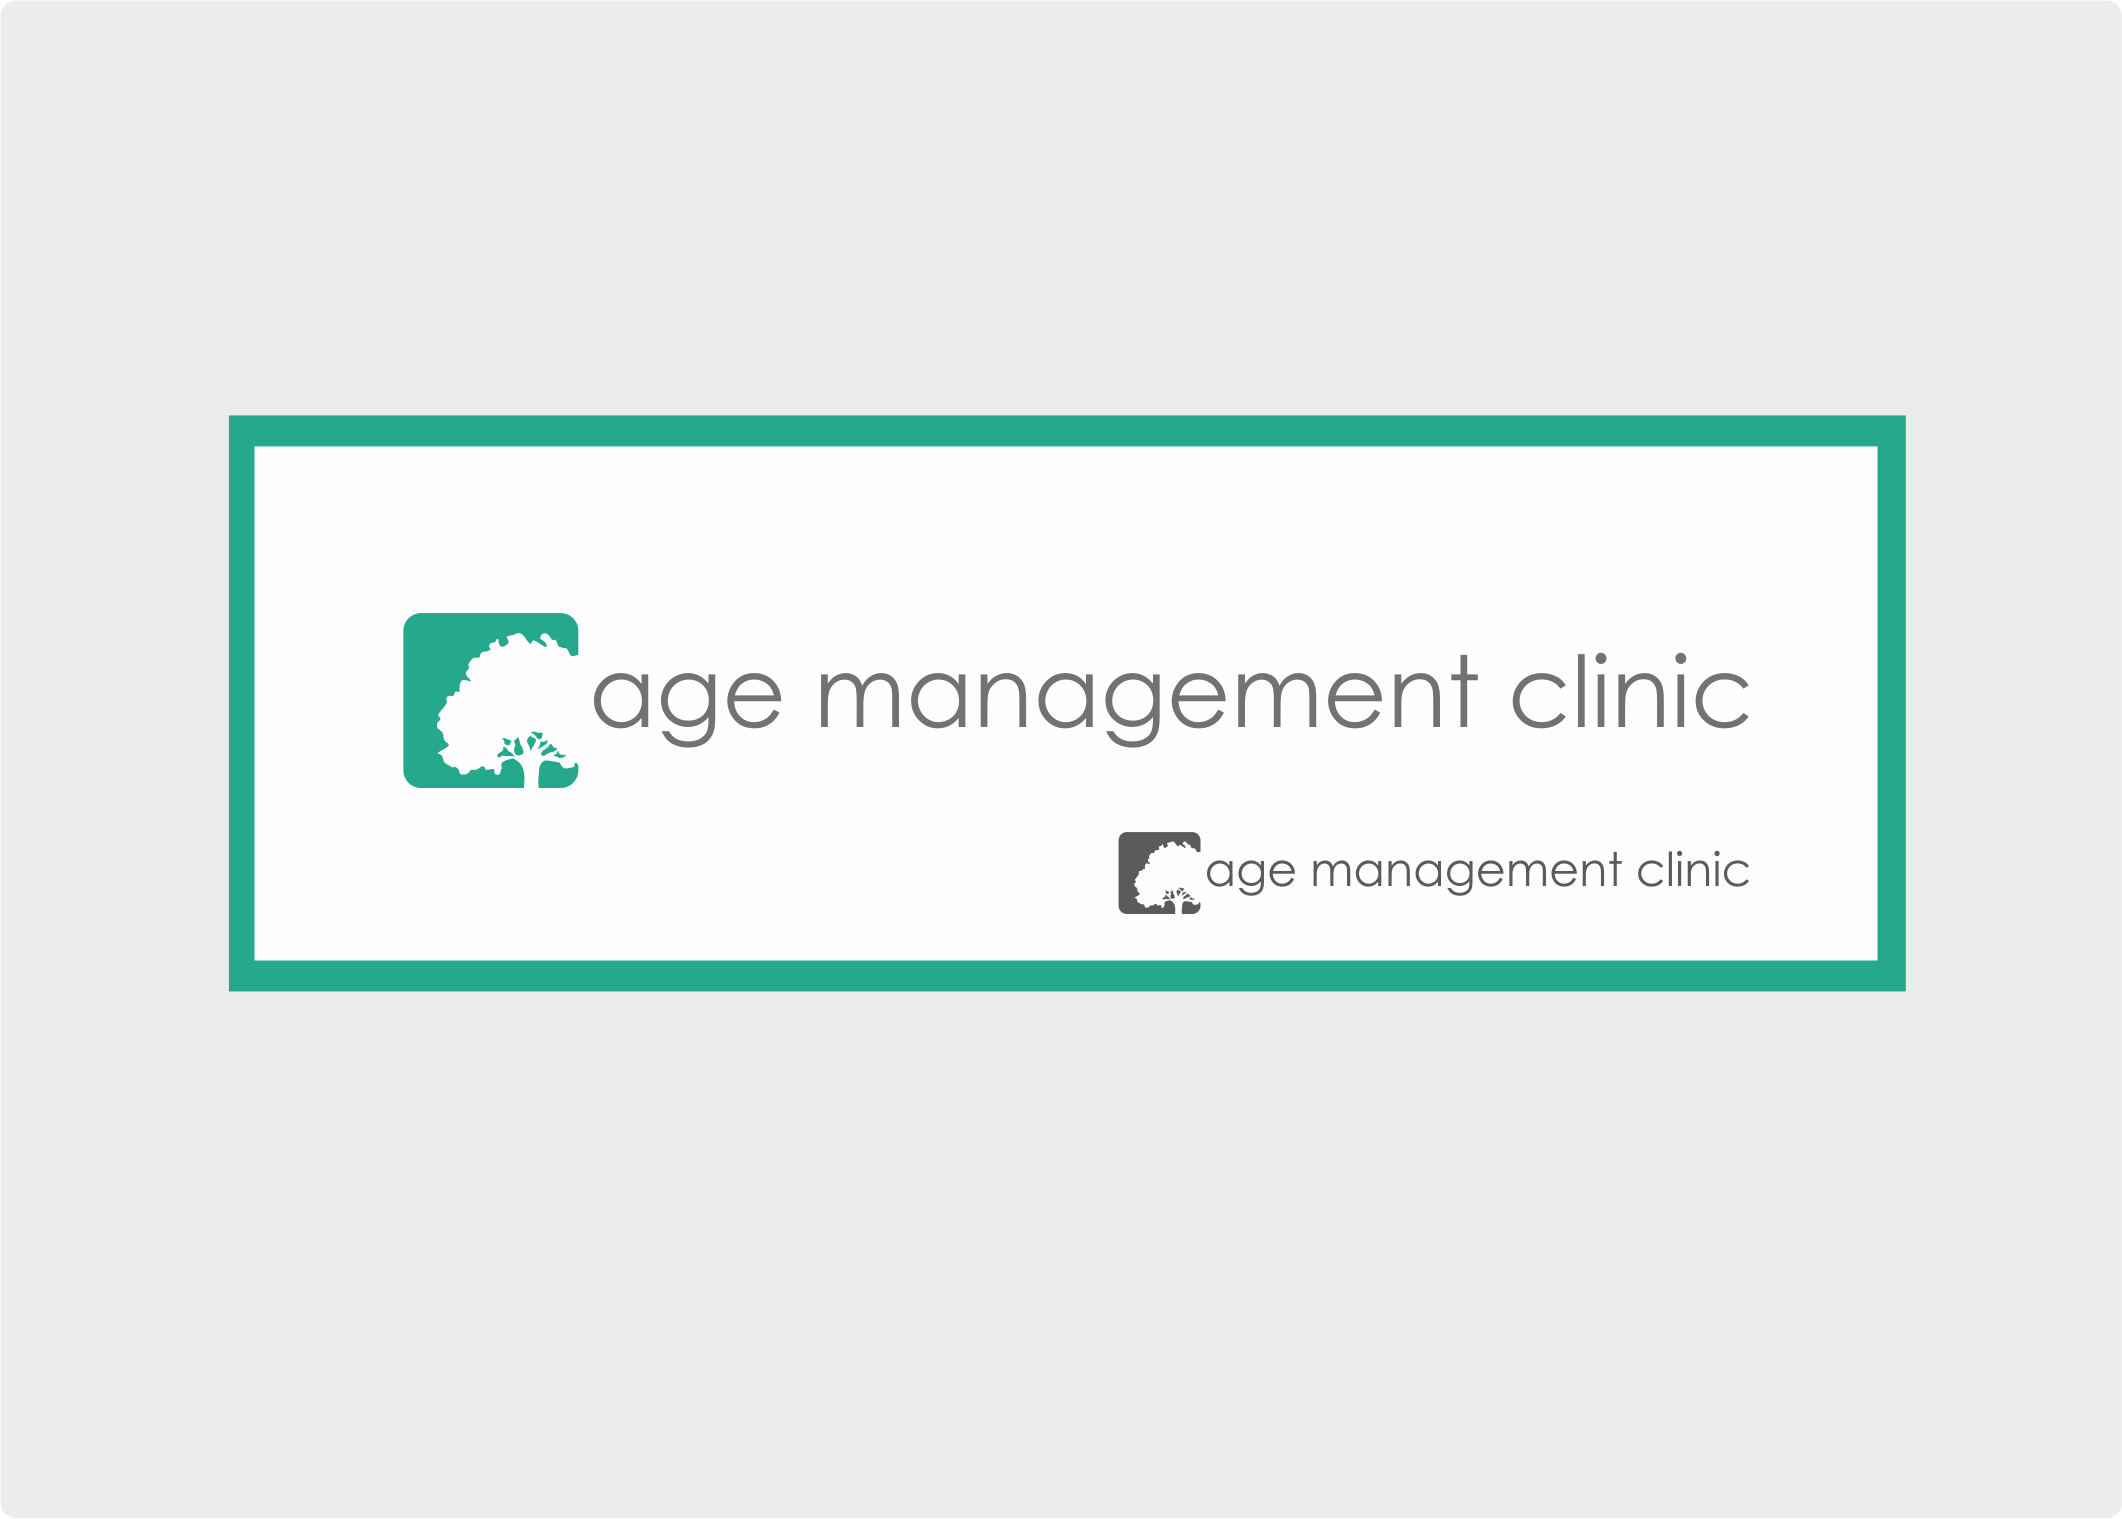 Логотип для медицинского центра (клиники)  фото f_4005b98fa4cb428c.png